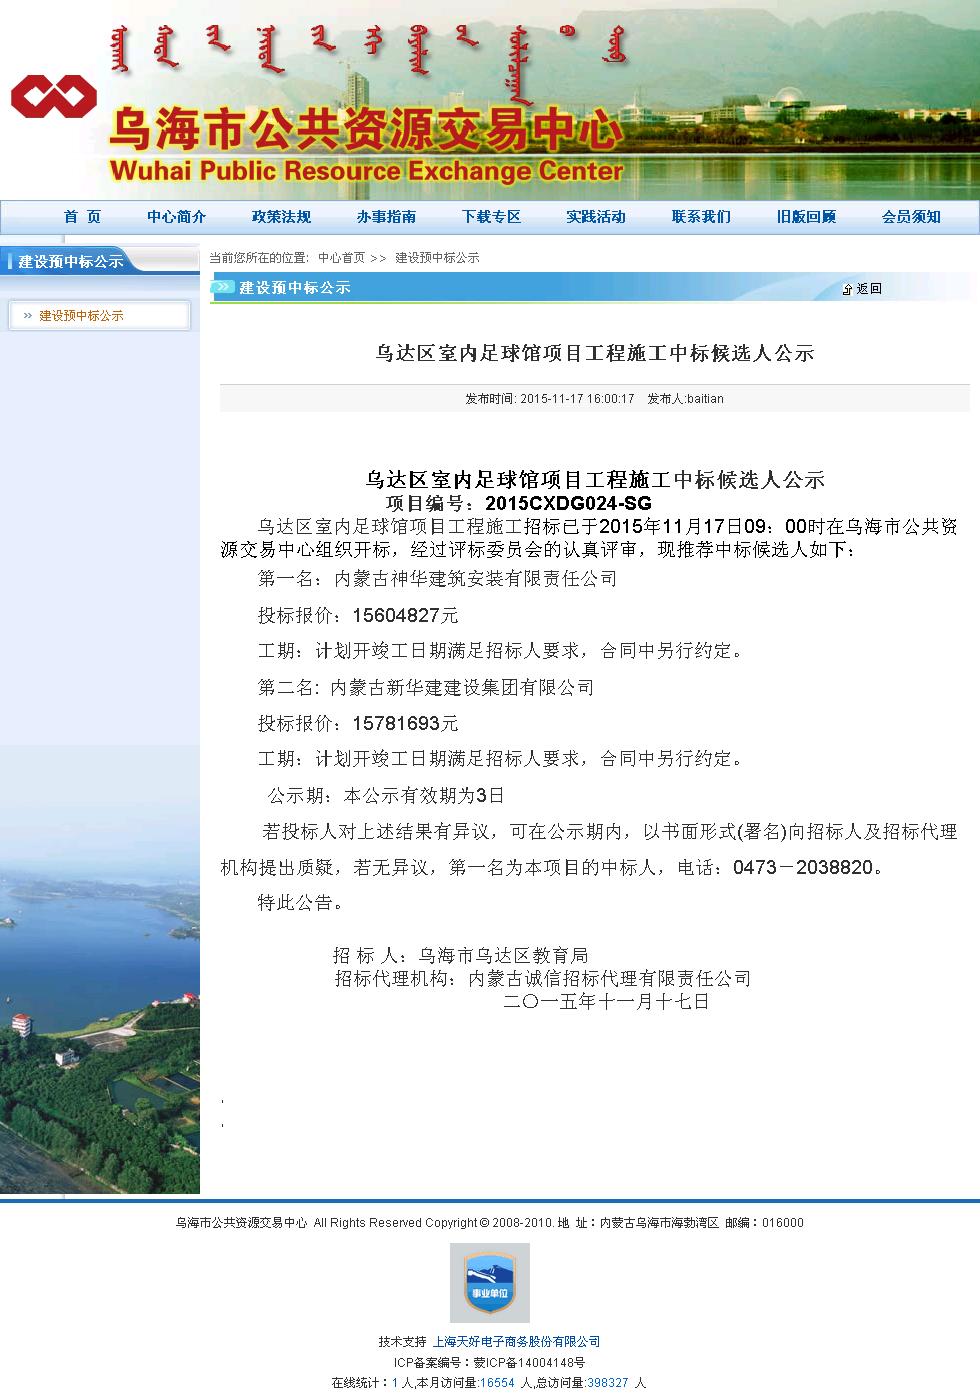 内蒙古神华建筑安装有限责任公司